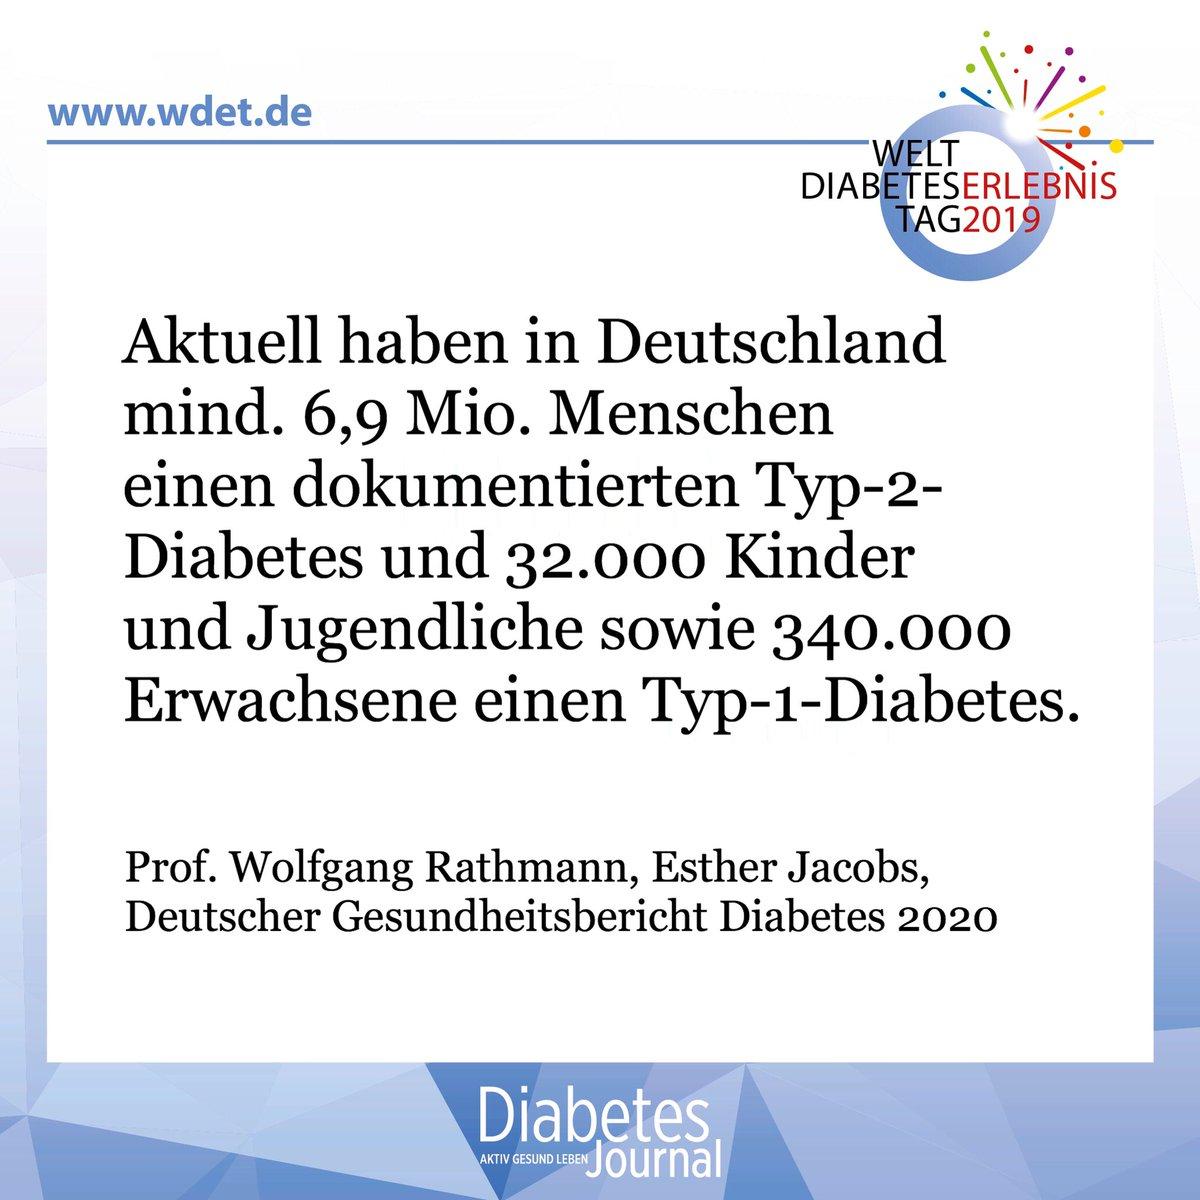 Diese Zahlen zeigen, worüber wir reden im #Diabetes-Monat November. Und die Menschen, die dahinter stehen, erst ... samt ihren Familien, Freunden. Ihren Gefühlen. #Banting #Insulin #Diabetiker #Unterzuckerung #Hypo #marjorie #theodoreryder #typ1diabetes #weltdiabeteserlebnistag – at Mainz